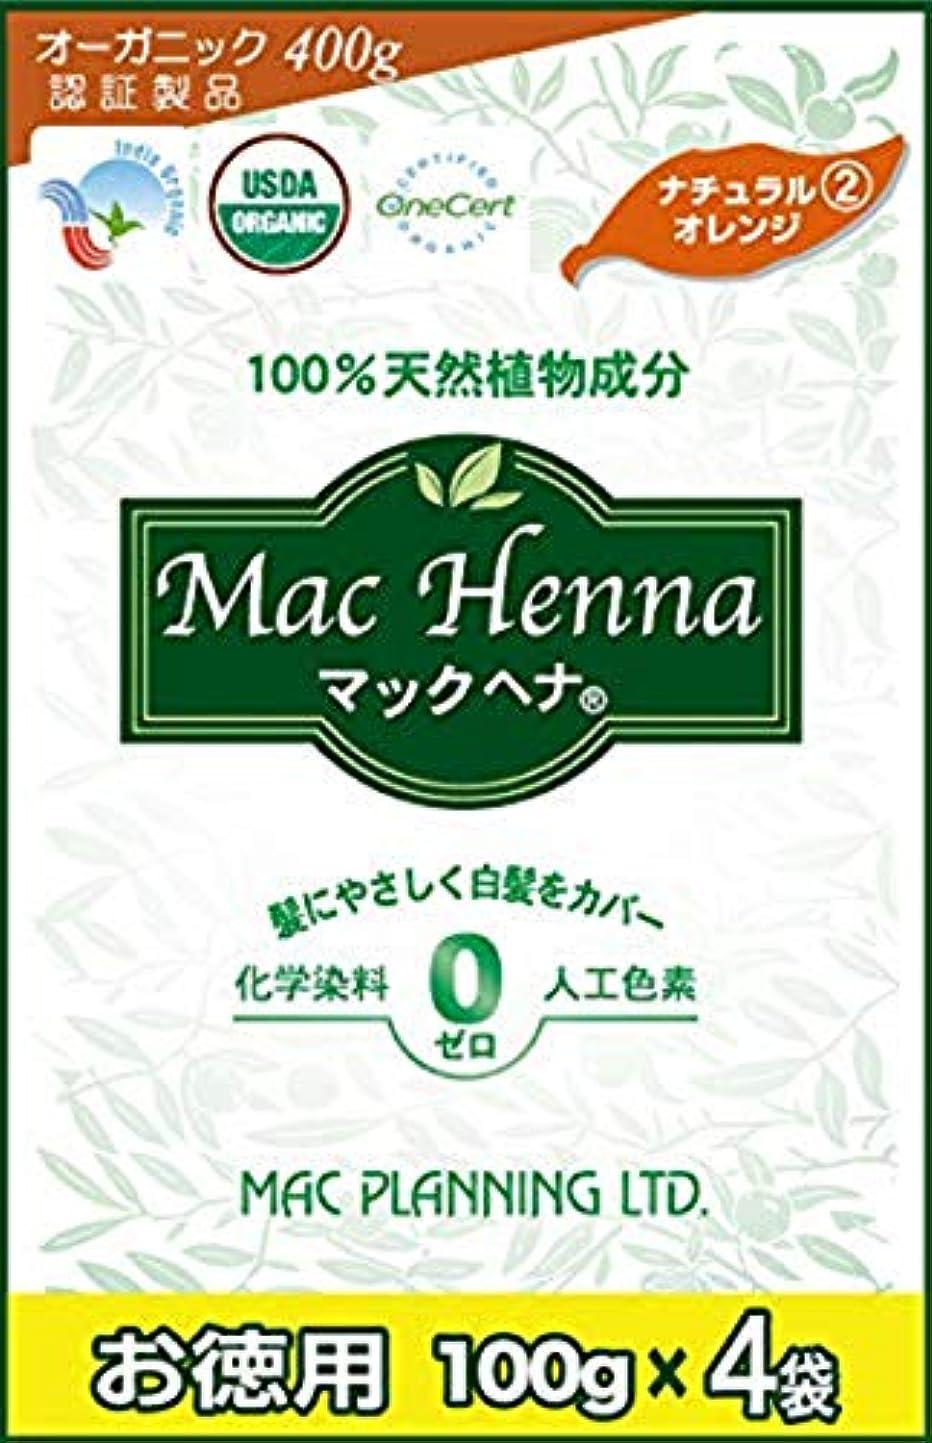 傾向があるウィザードにぎやかマックヘナ お徳用 ナチュラルオレンジ400g (ヘナ100%) ヘナ白髪用カラー